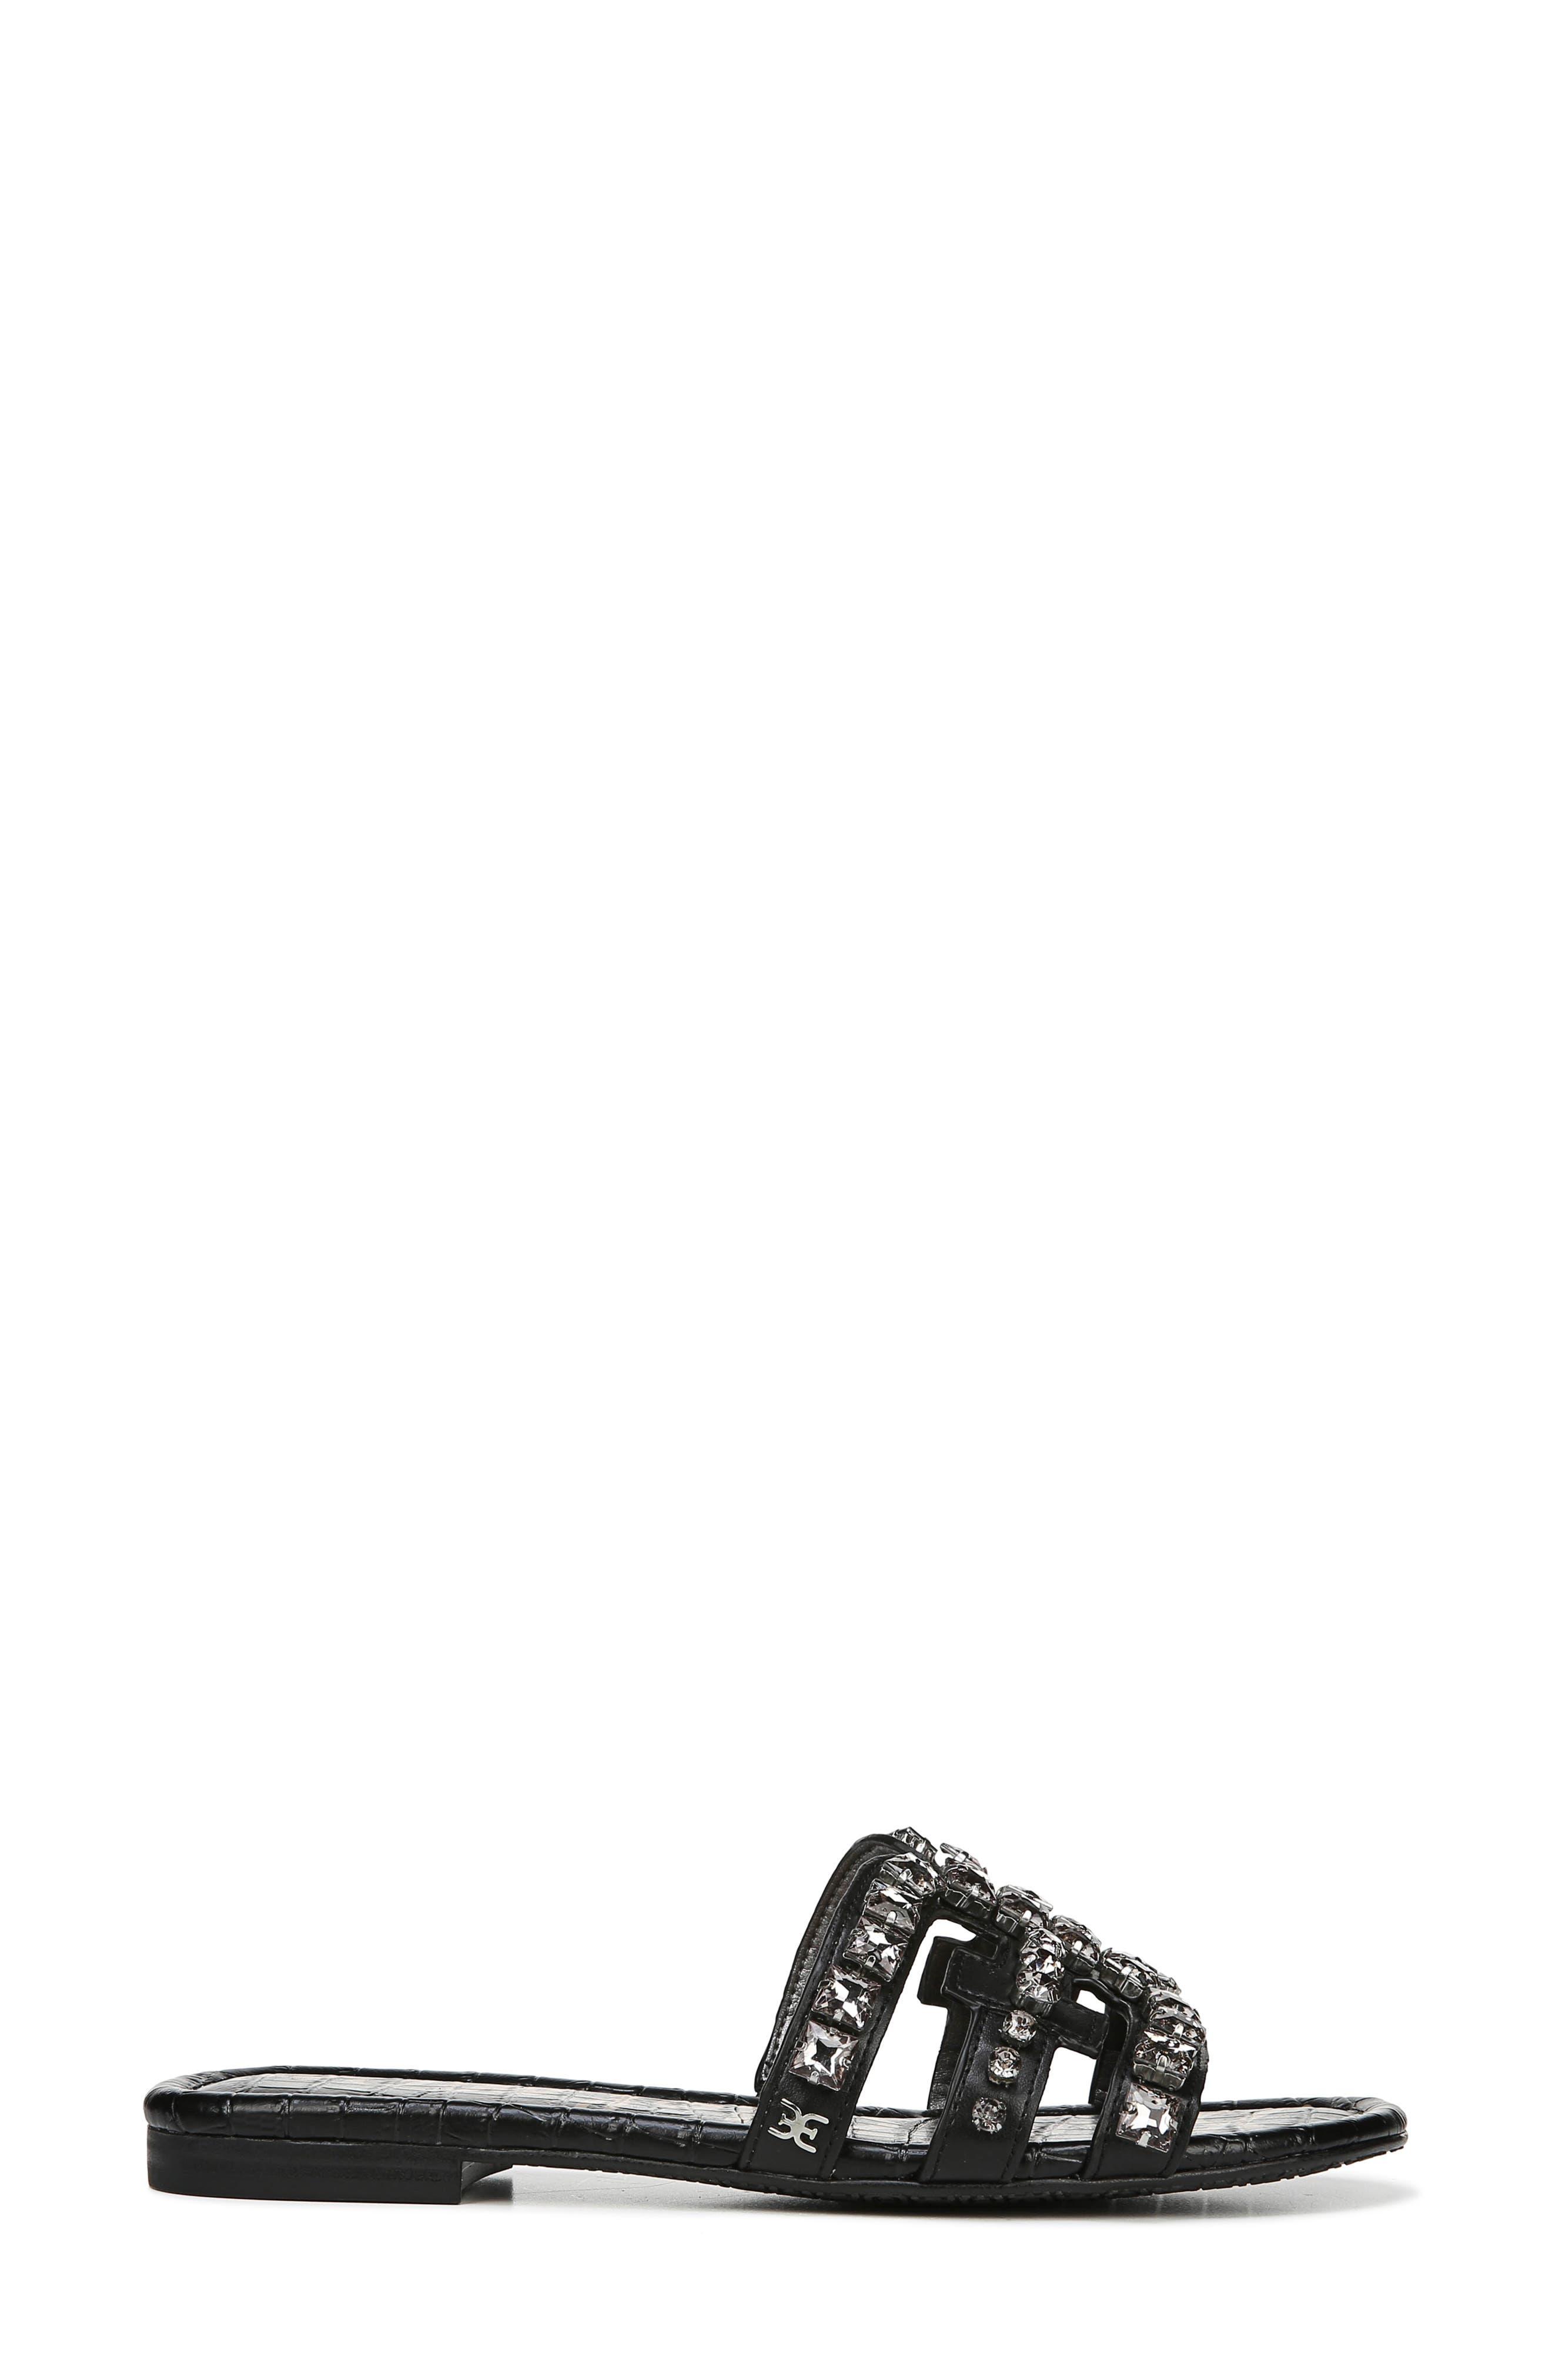 SAM EDELMAN, Bay 2 Embellished Slide Sandal, Alternate thumbnail 3, color, BLACK NAPPA LEATHER